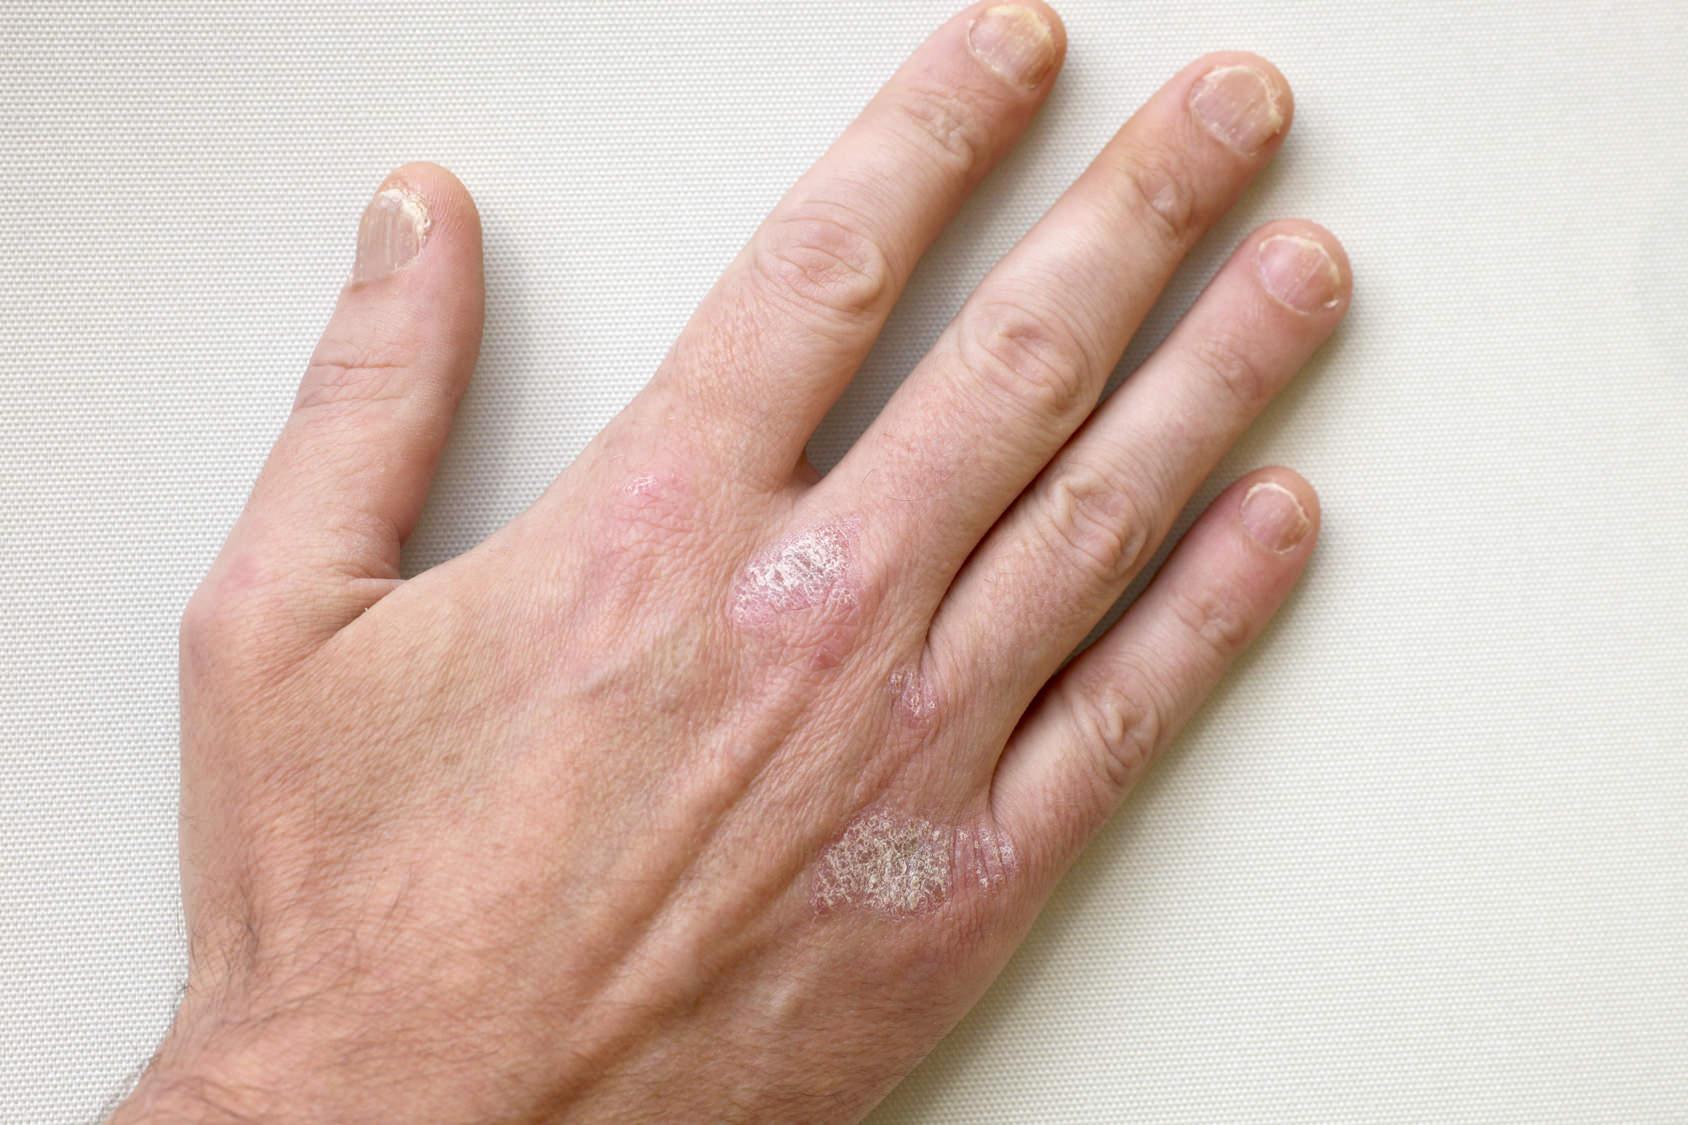 Trapianto della pelle a psoriasi